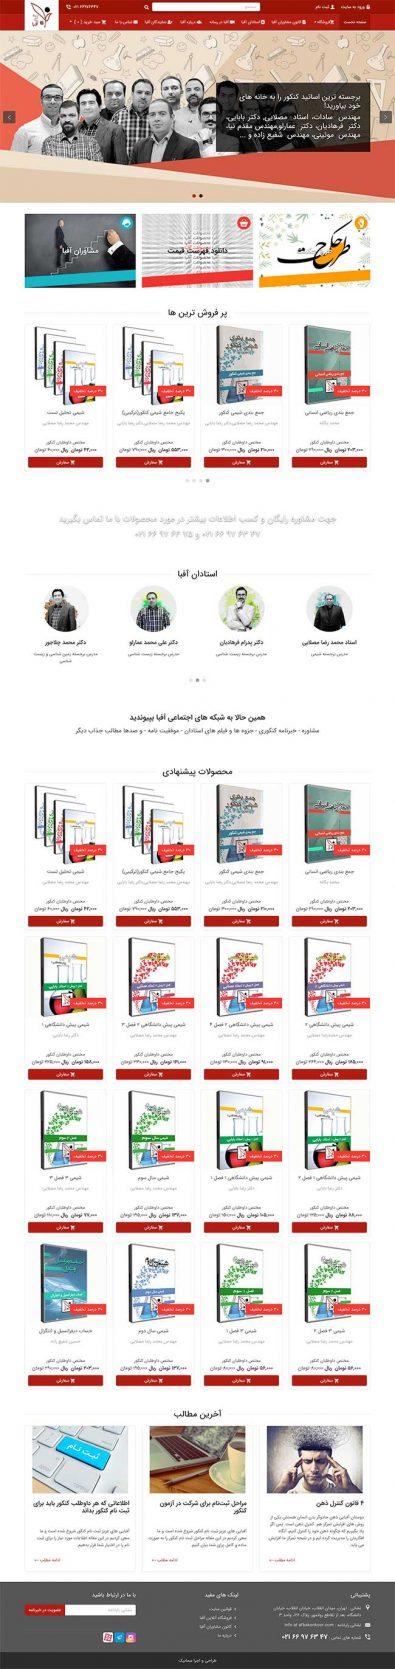 طراحی سایت فروشگاهی و آموزشی